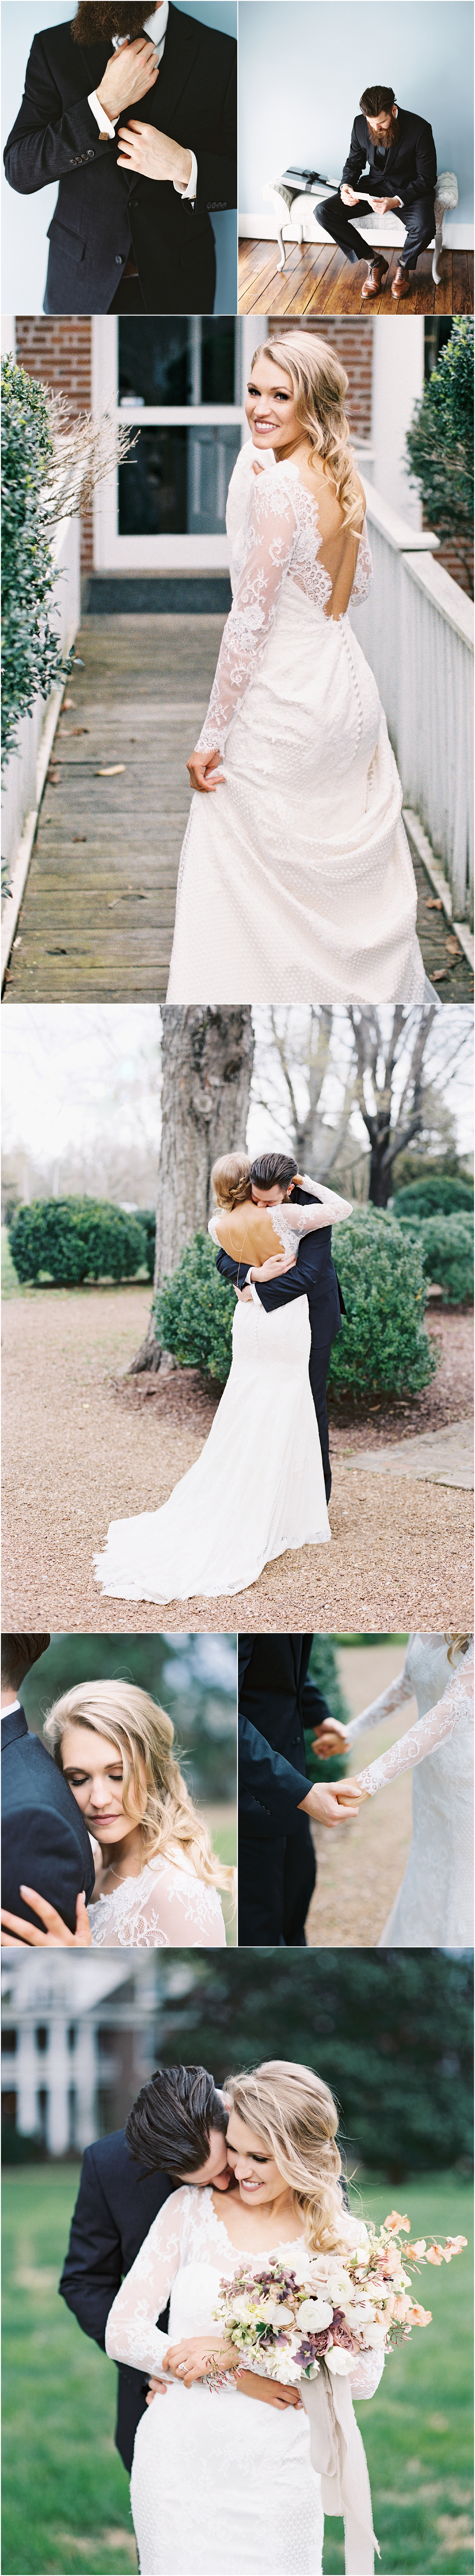 Asheville wedding photographer Sarah Ingram